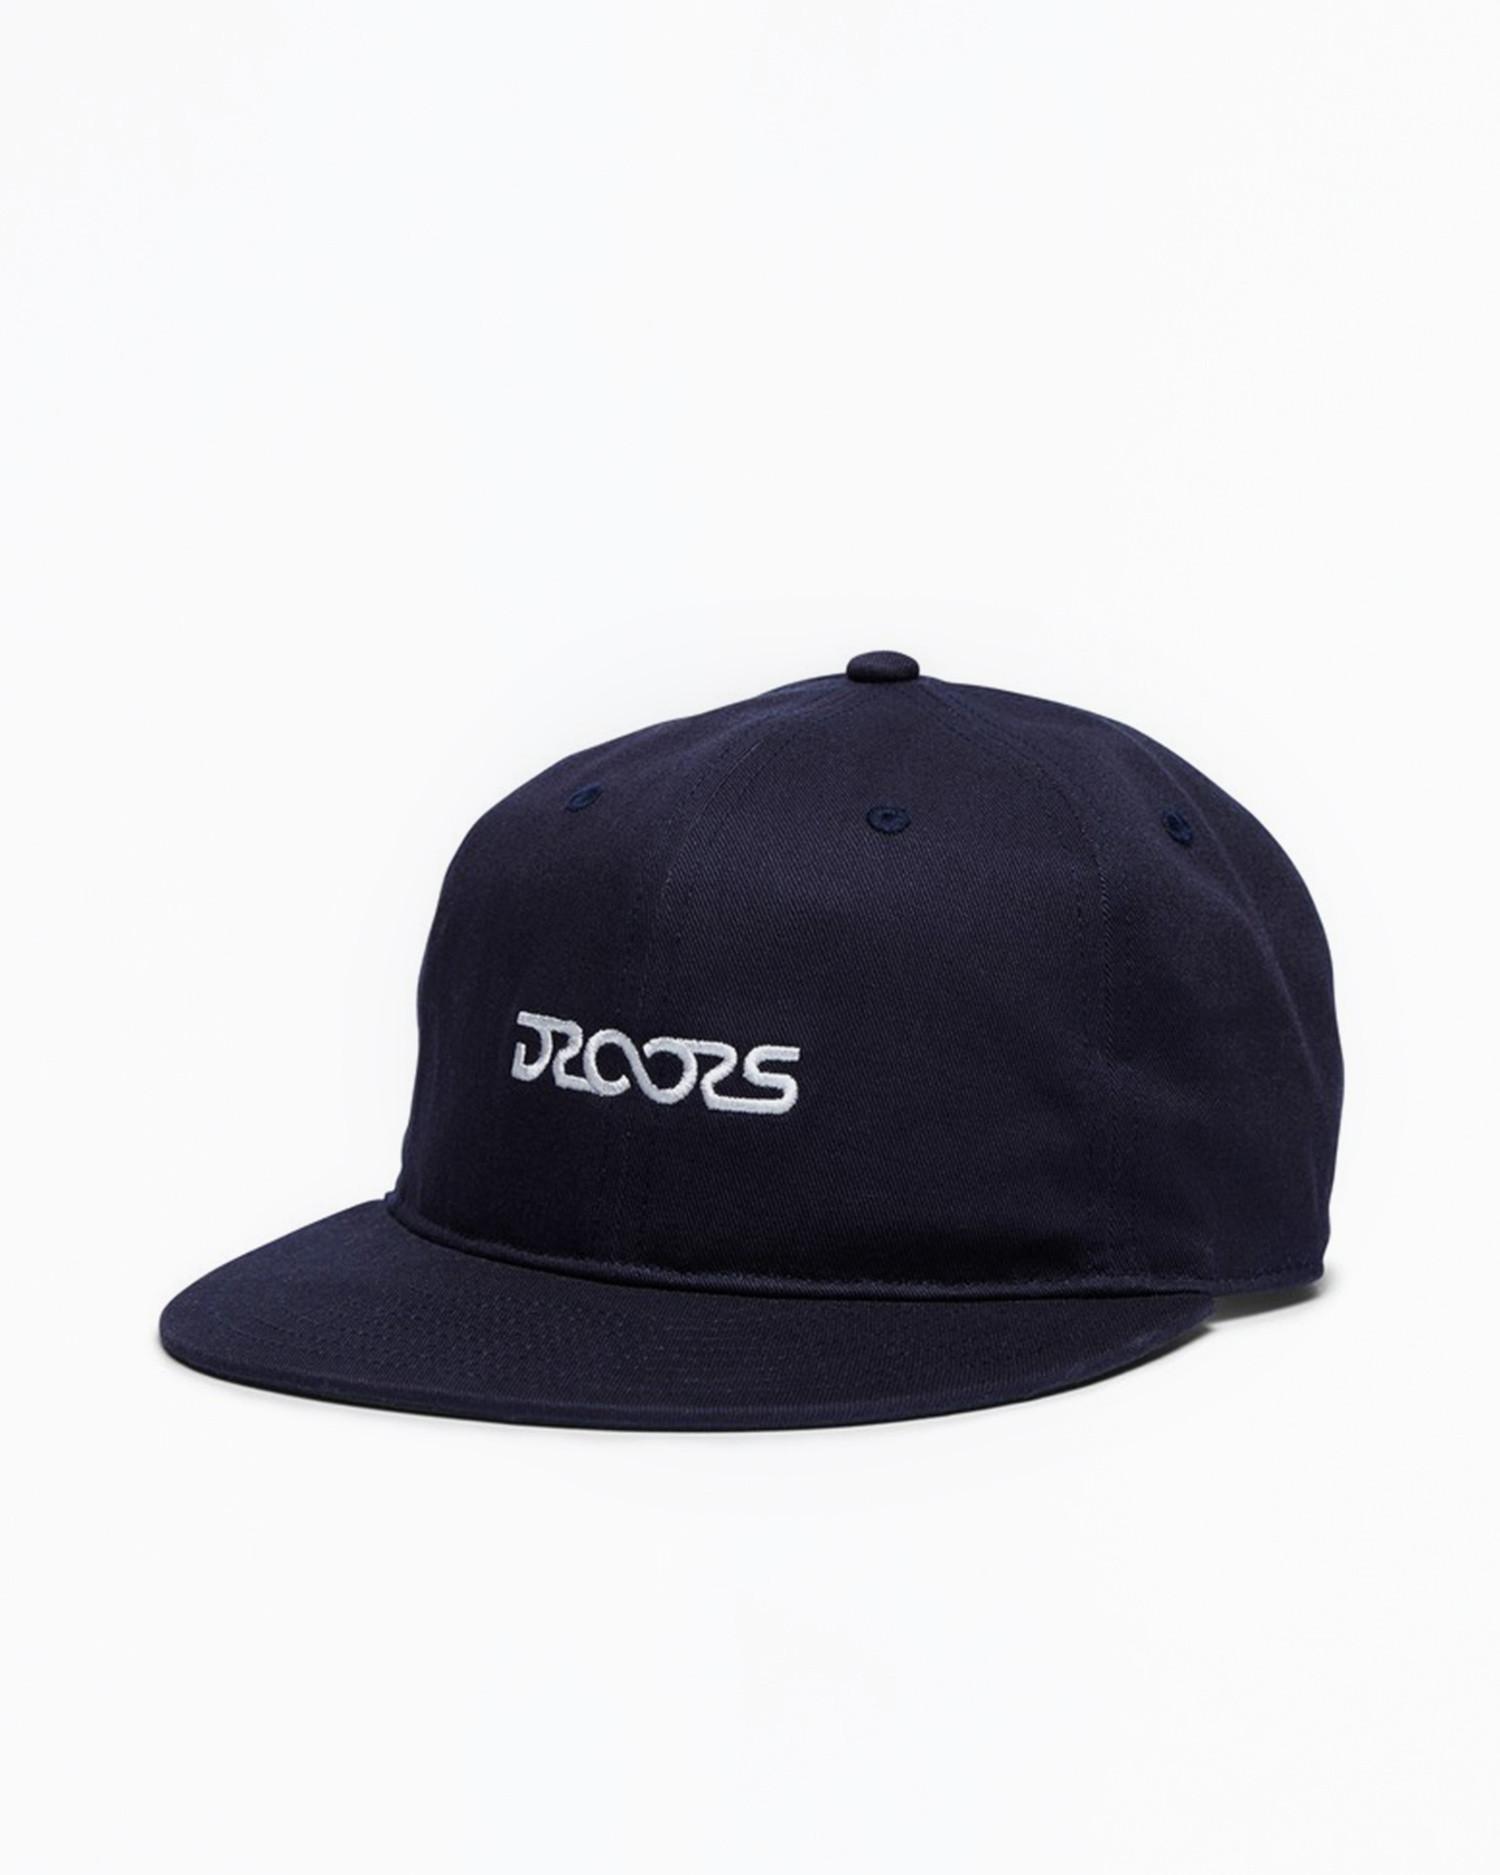 DROORS Infinity Hat Navy